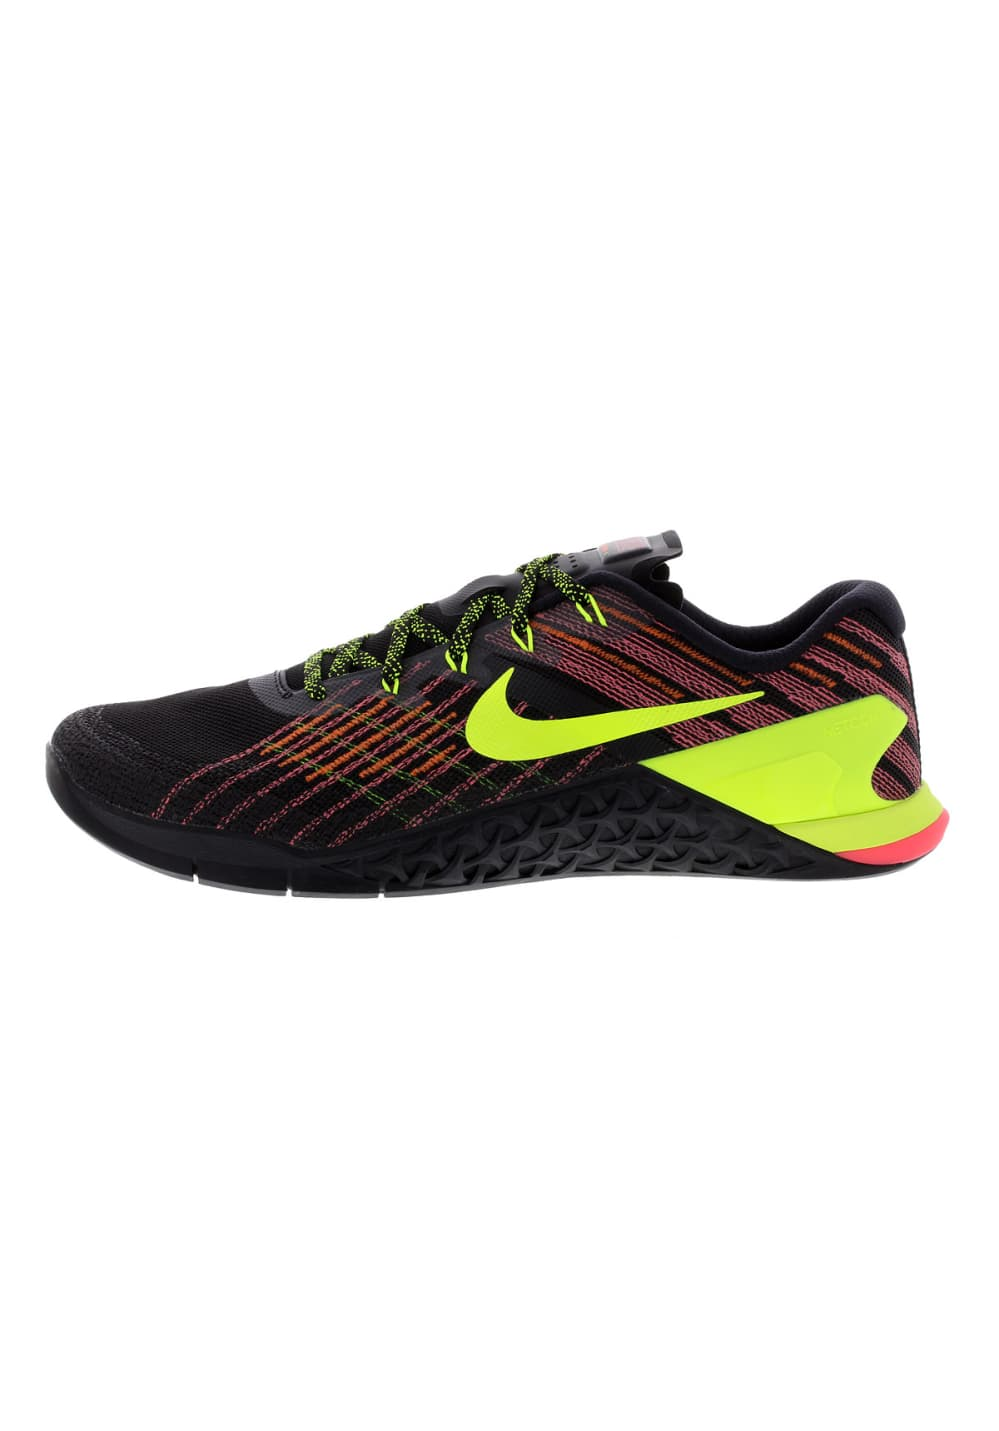 Nike Metcon 3 - Fitnessschuhe für Herren - Schwarz